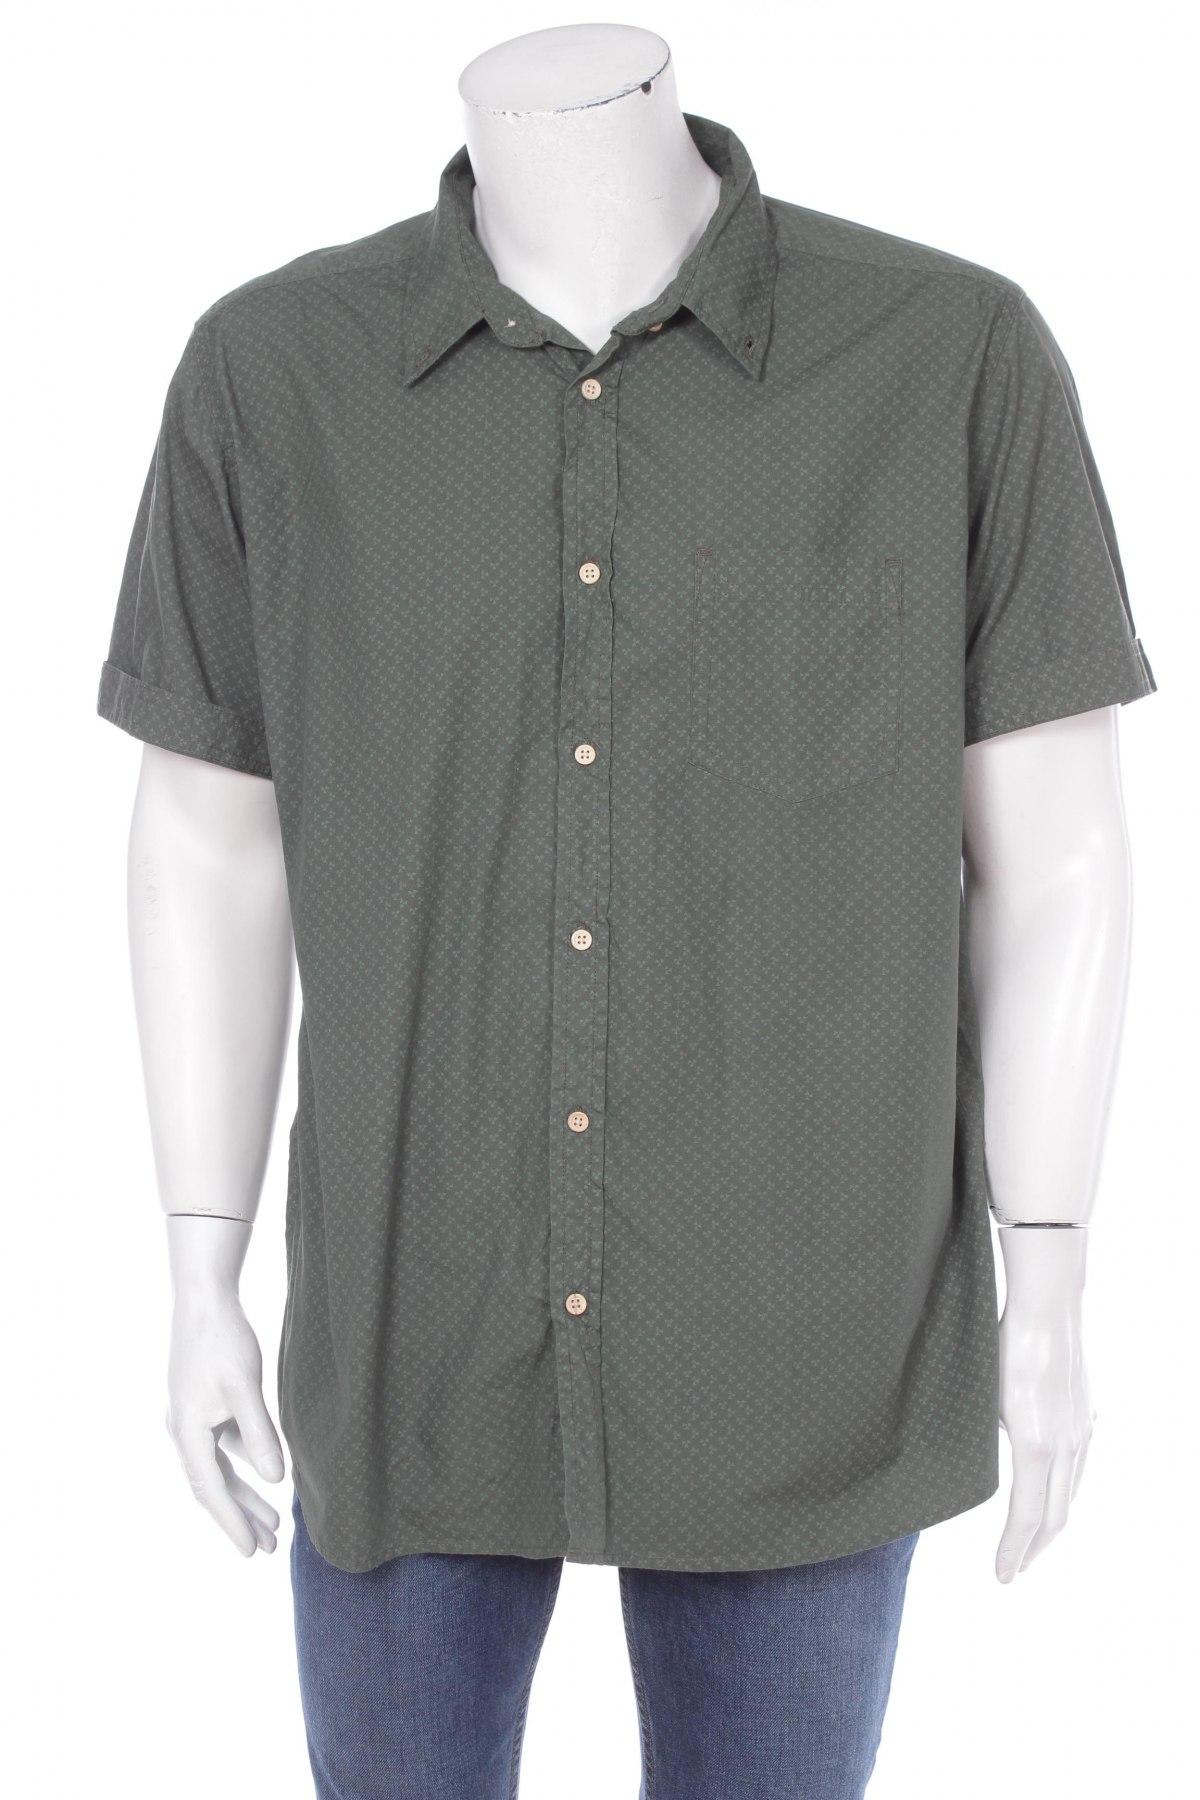 e0e084178214 'Ανδρες - τζίν, παντελόνια, πουκάμισα, σακάκια - Ρούχα δεύτερο χέρι - Remix